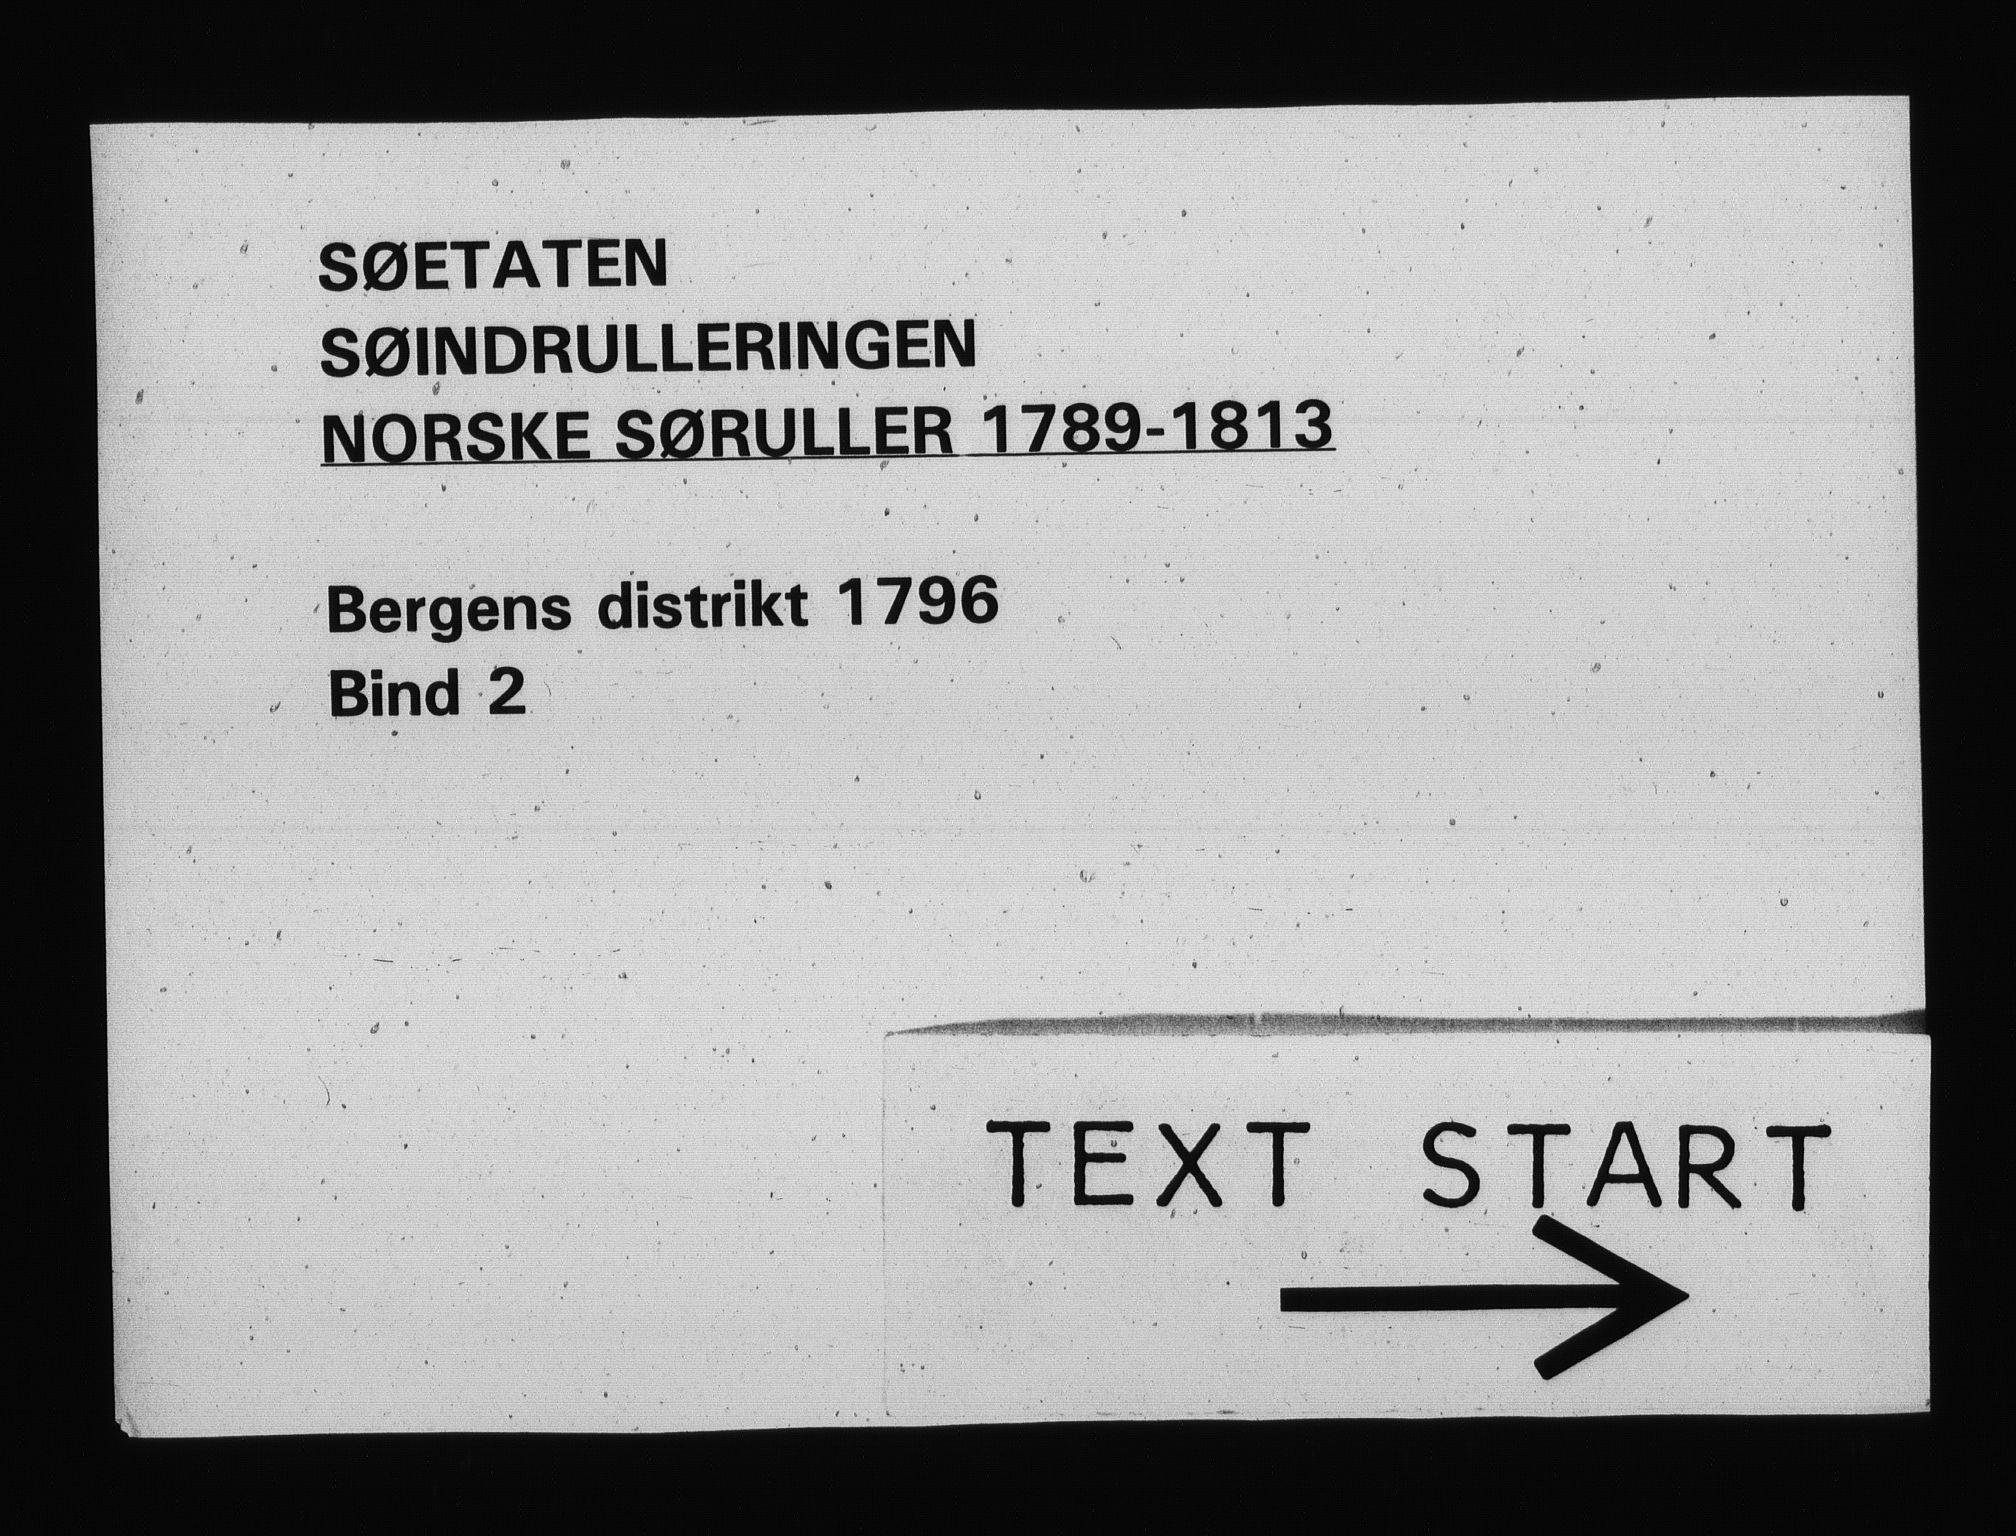 RA, Sjøetaten, F/L0224: Bergen distrikt, bind 2, 1796